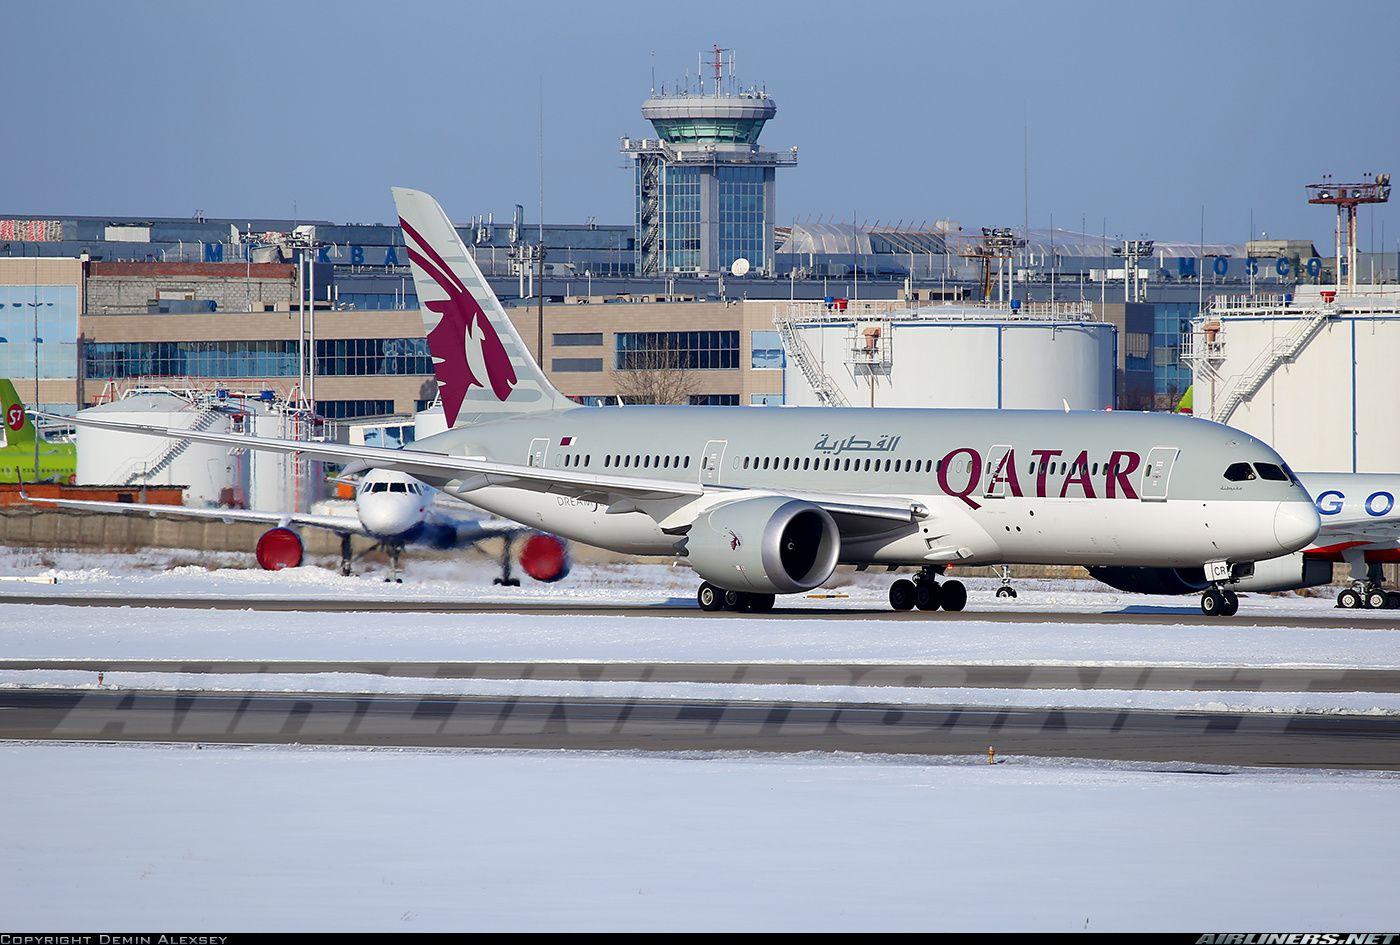 Boeing 787 8 Dreamliner Qatar Airways A7 Bcr Cn 38336 225 First Flight 12 10 2014 Qatar Delivered 26 11 2014 Boeing 787 Dreamliner Boeing 787 Boeing 787 8